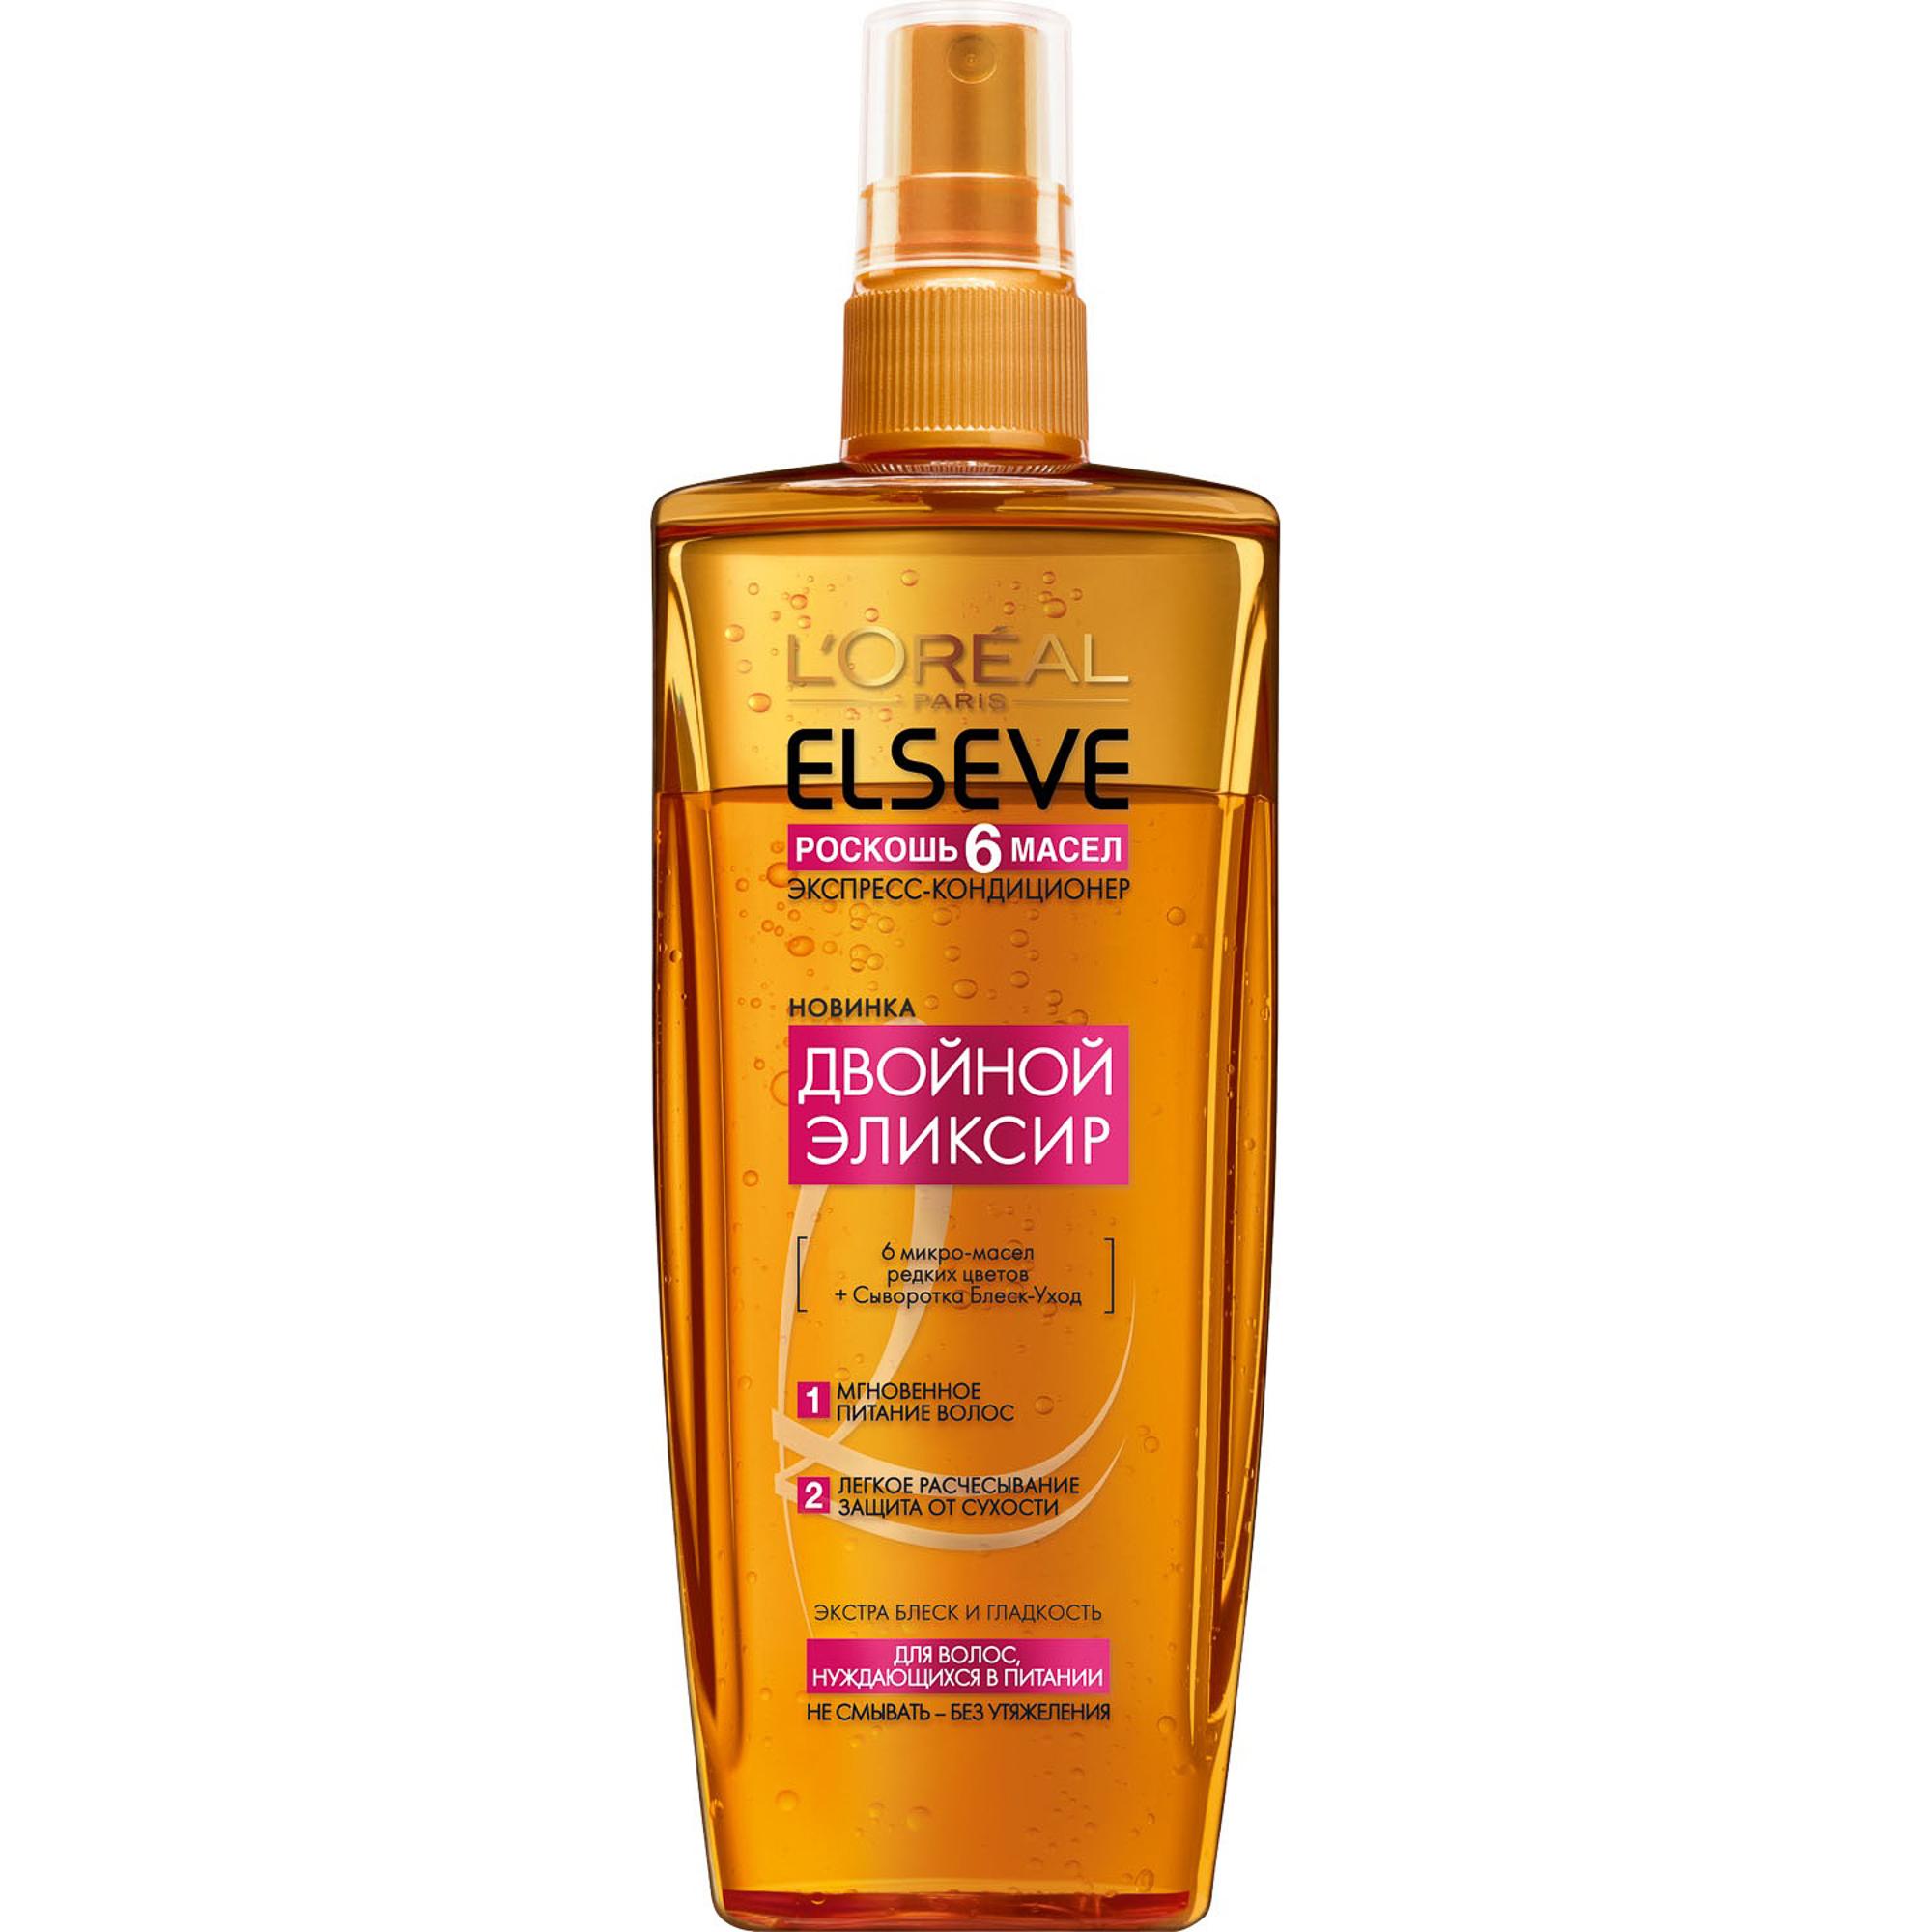 Экспресс-Кондиционер Двойной Эликсир Роскошь 6 Масел (Для волос, нуждающихся в питании) 200 мл